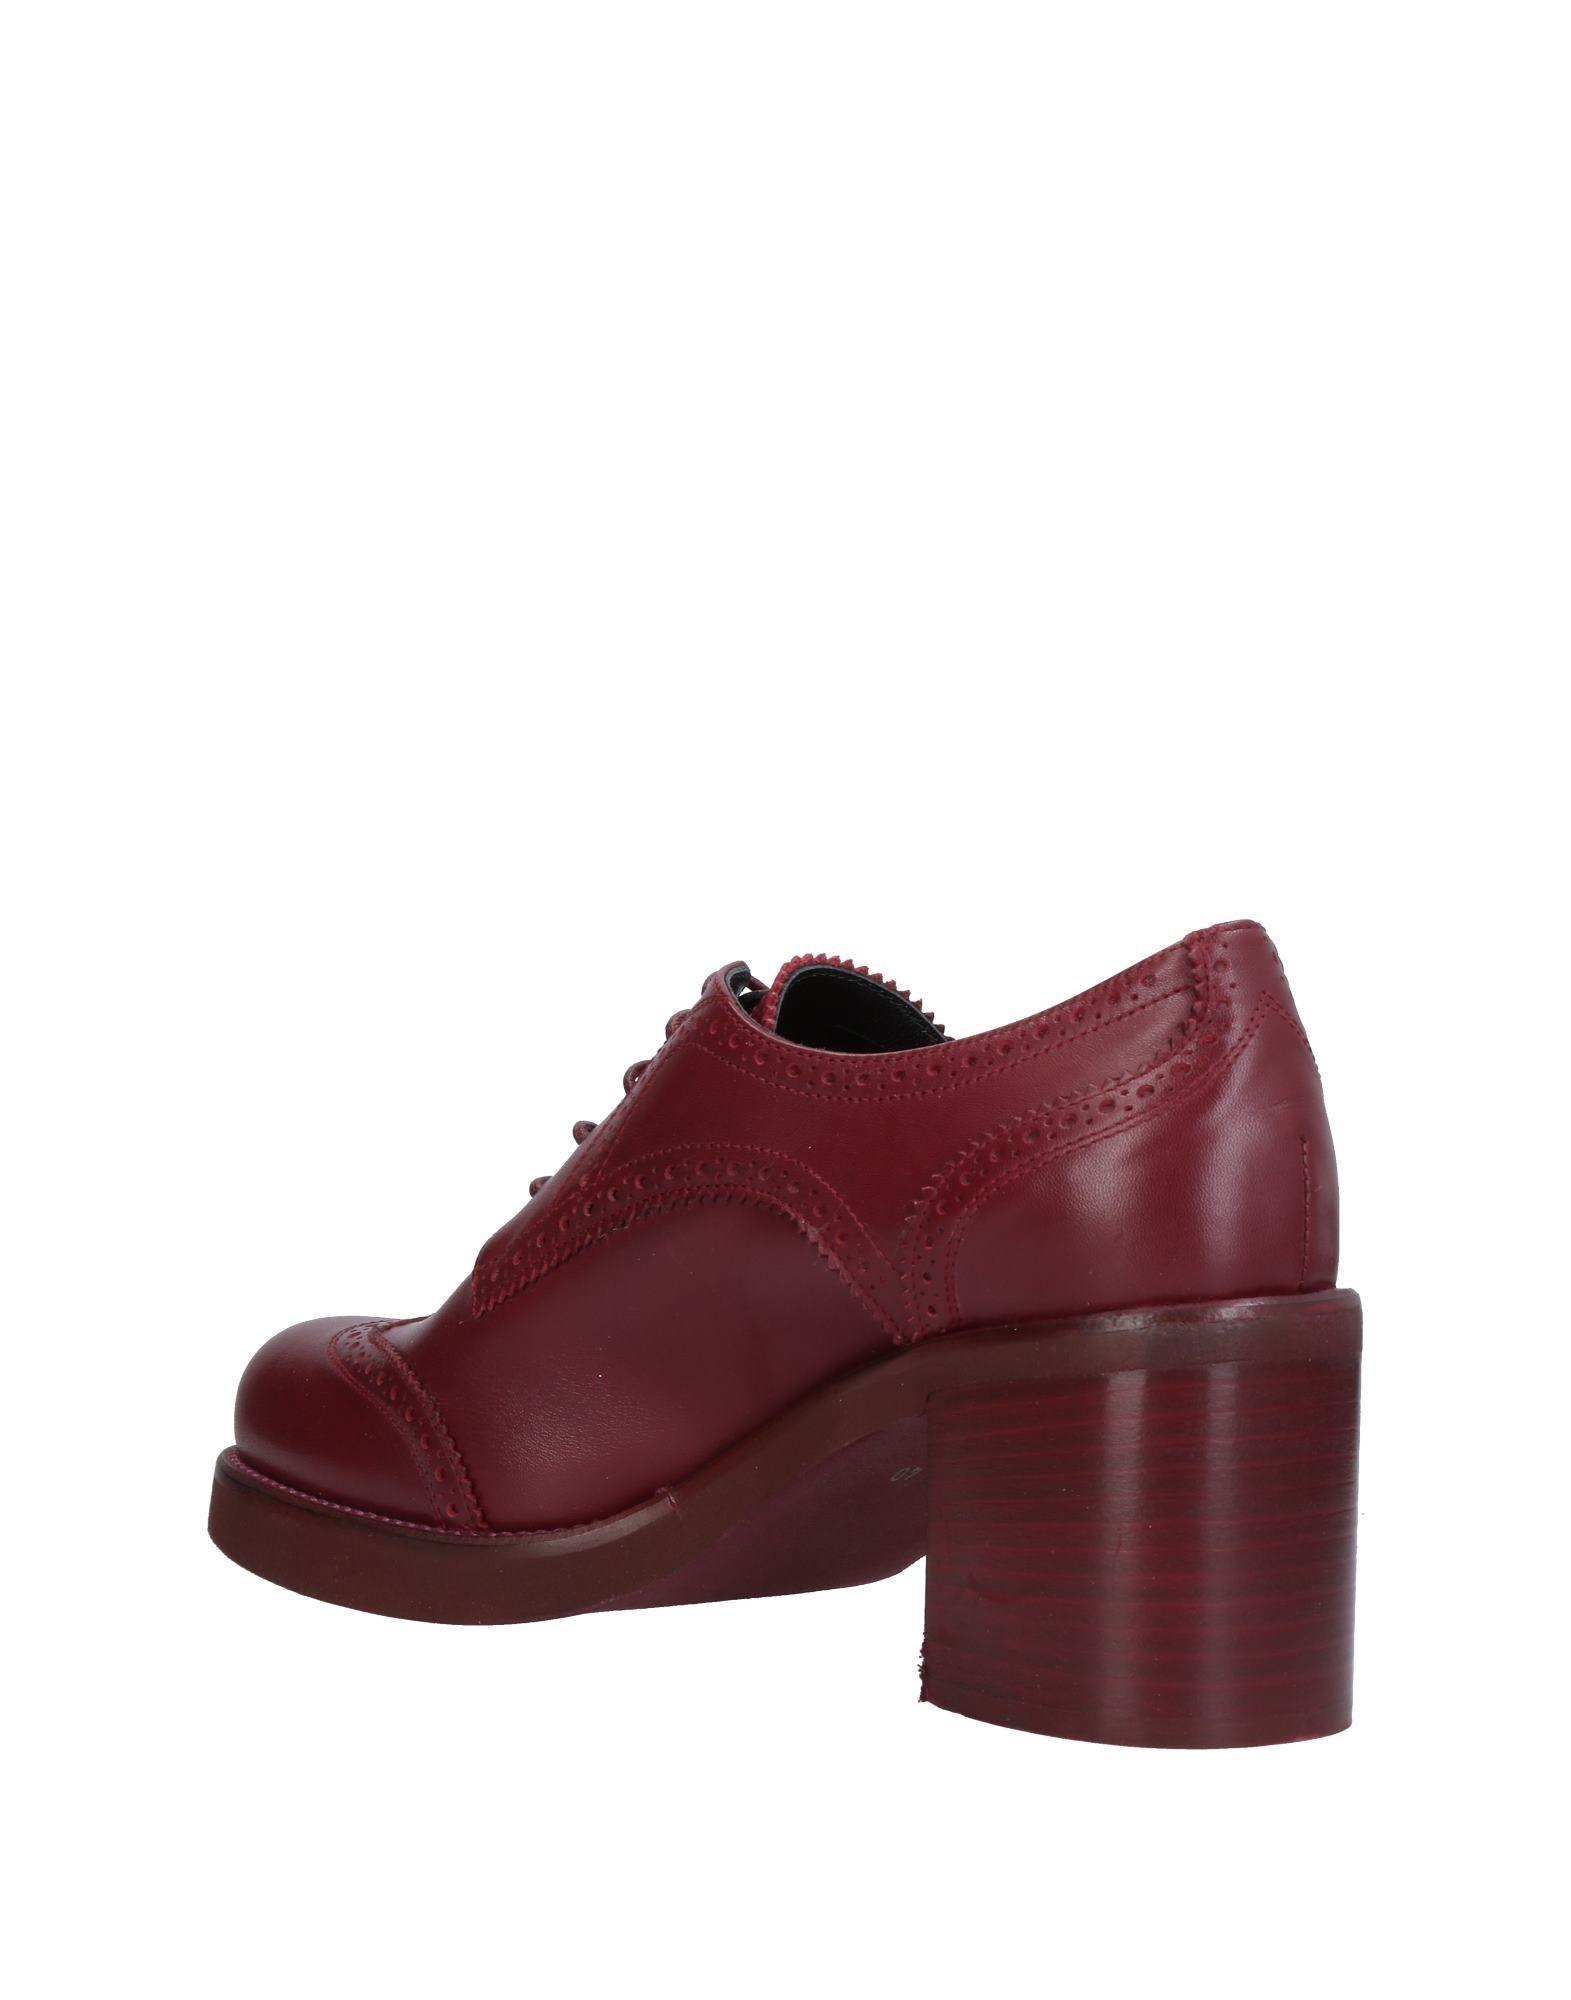 Alexandra Schnürschuhe Schnürschuhe Alexandra Damen  11459679TM Gute Qualität beliebte Schuhe 73524e